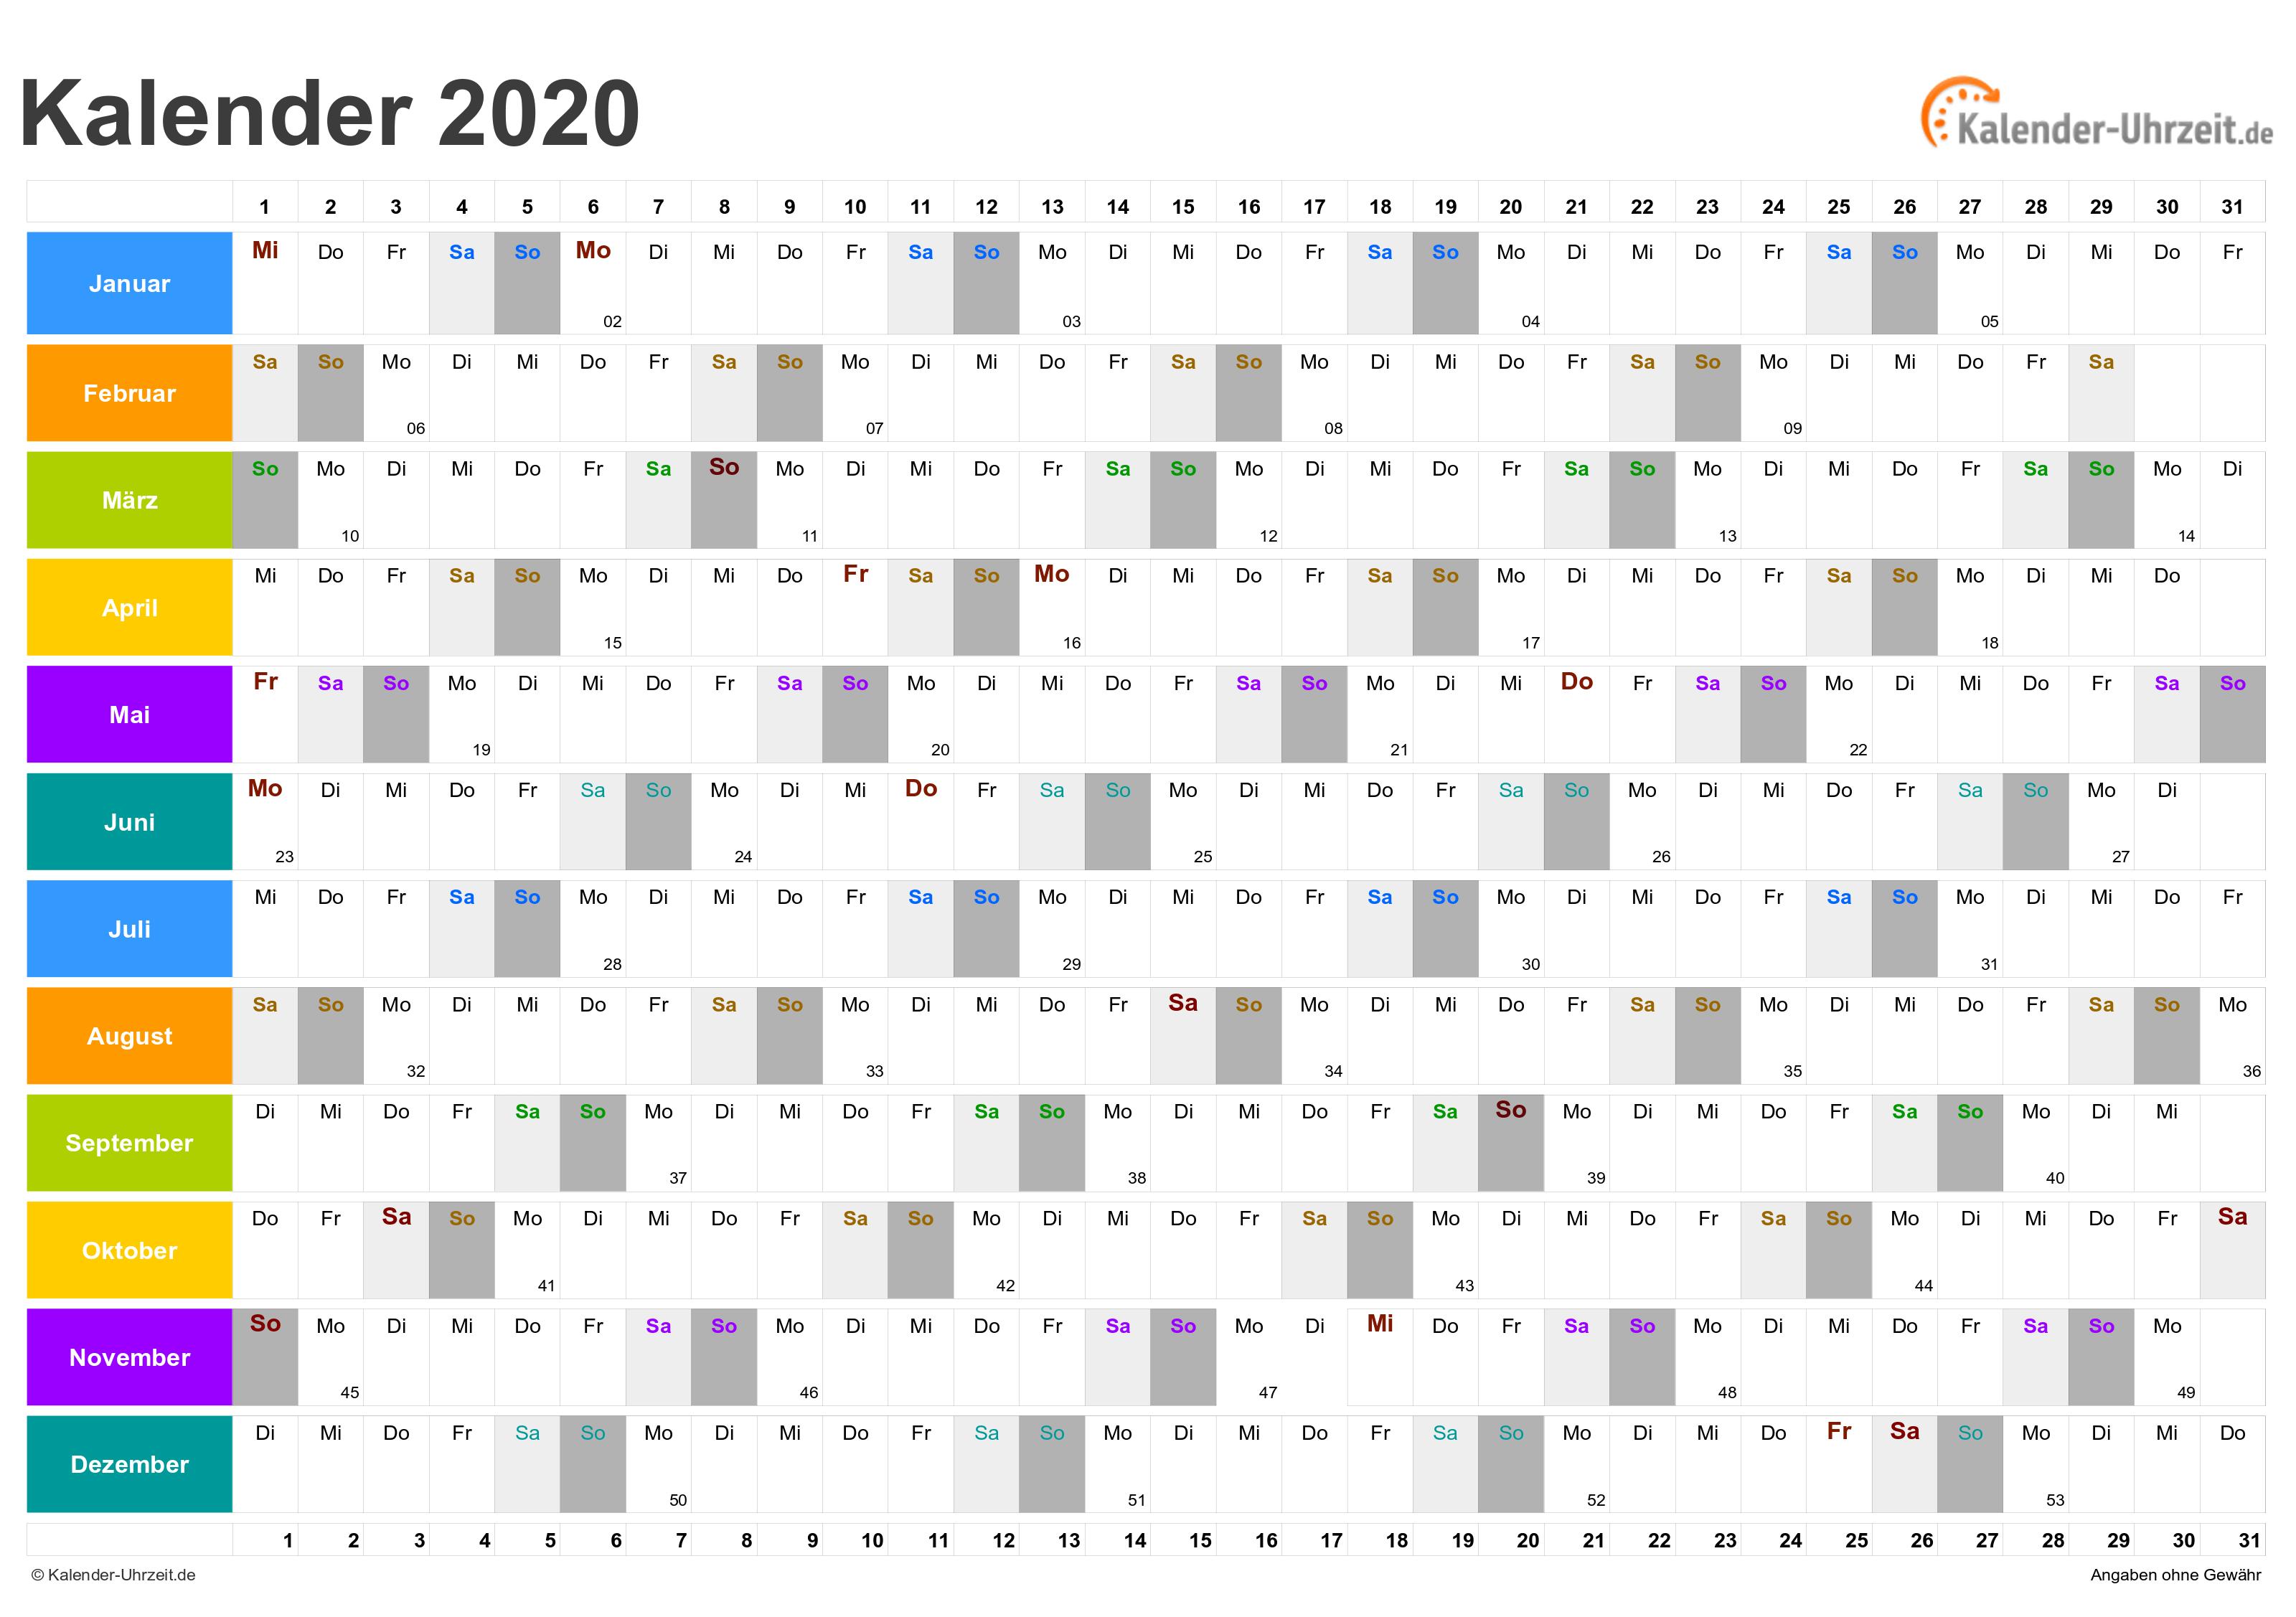 Schönherr kalender 2020